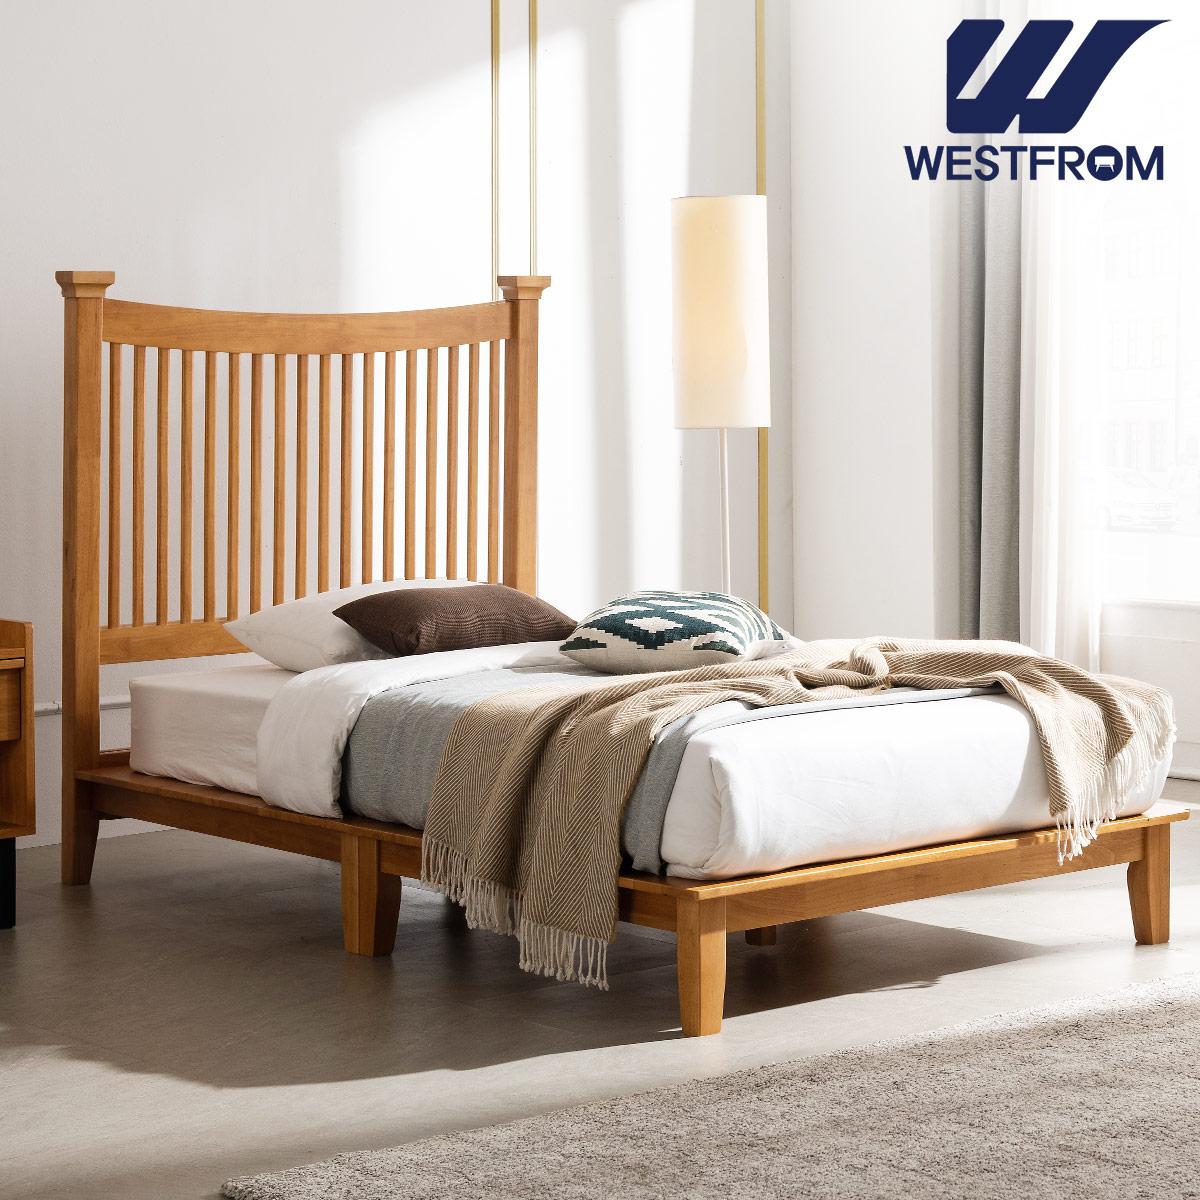 [웨스트프롬] 모던 마가렛) 고무나무원목 평상형 침대(SS) / F1 SS 매트리스